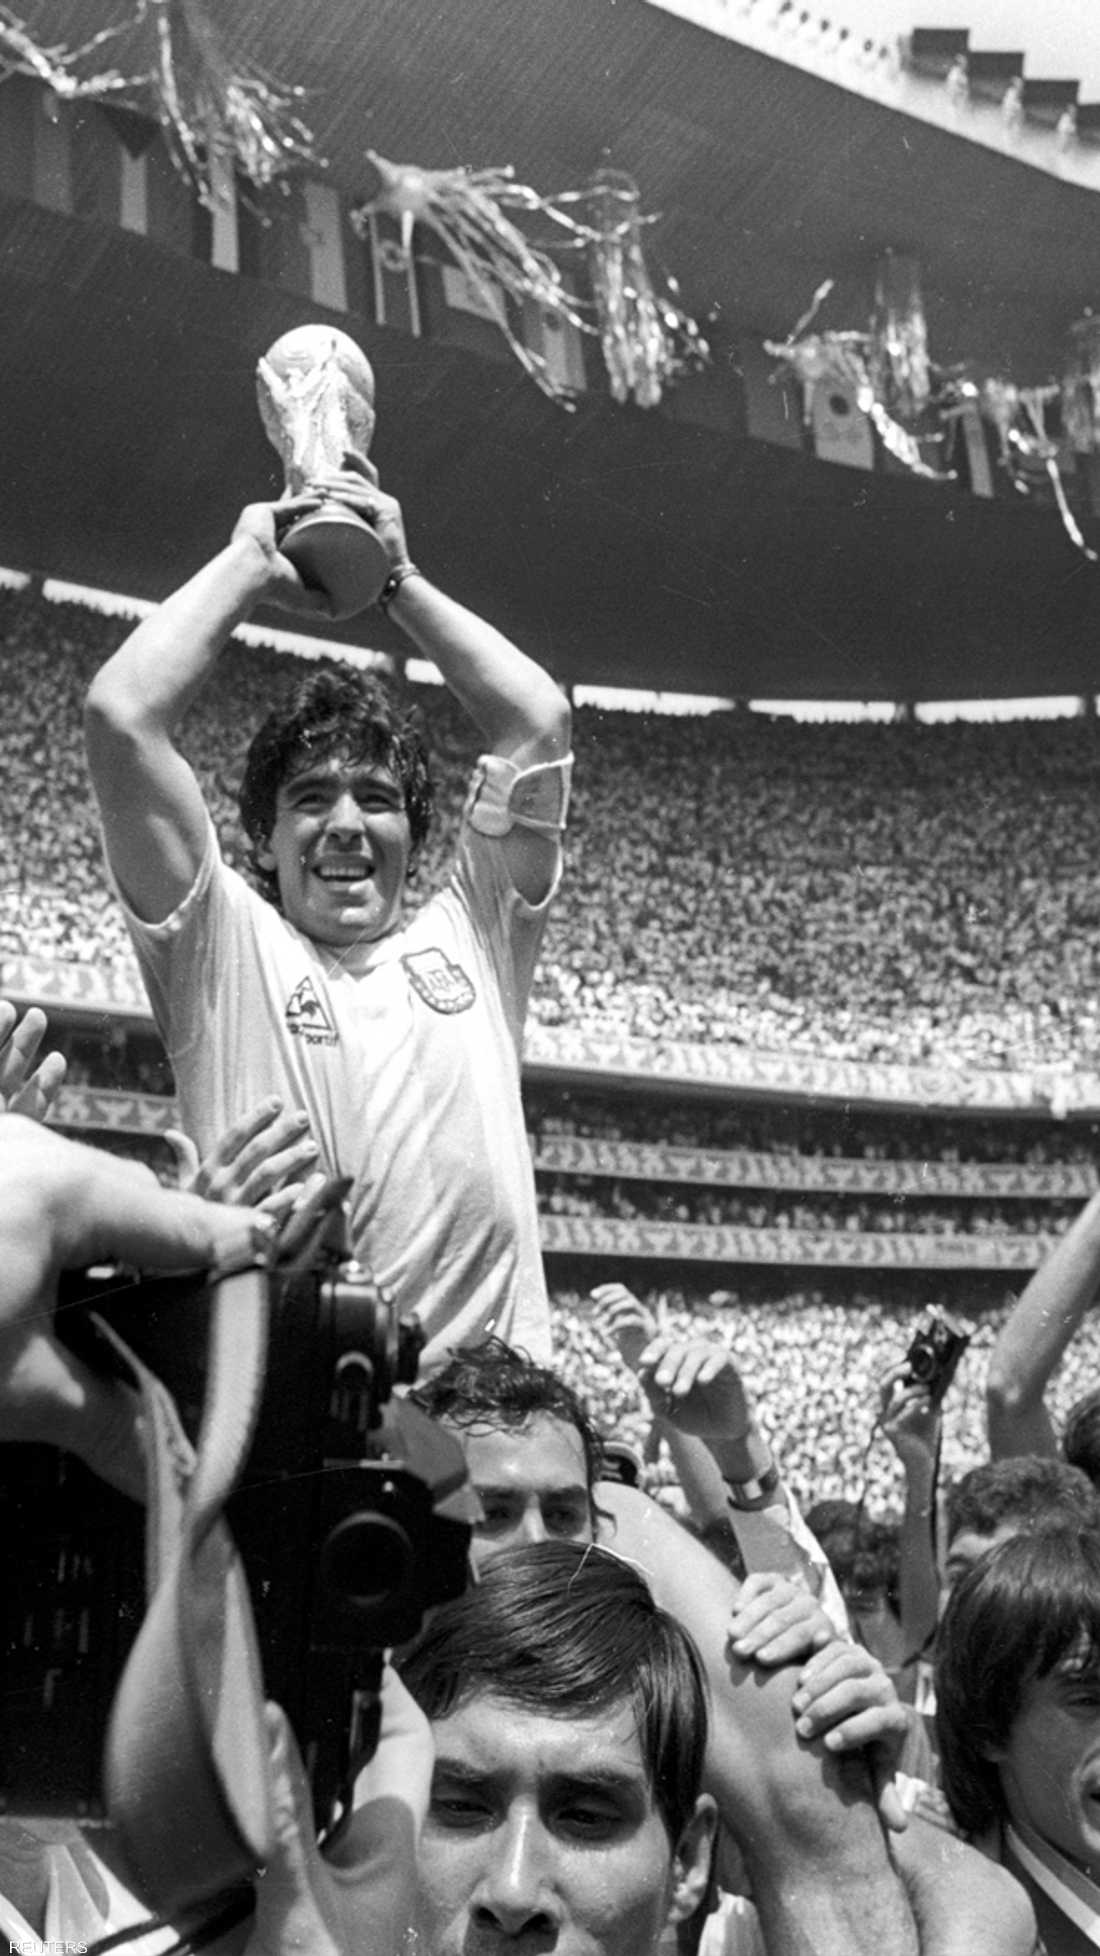 لحظة لا تنسى.. التتويج بكأس العالم عام 1986